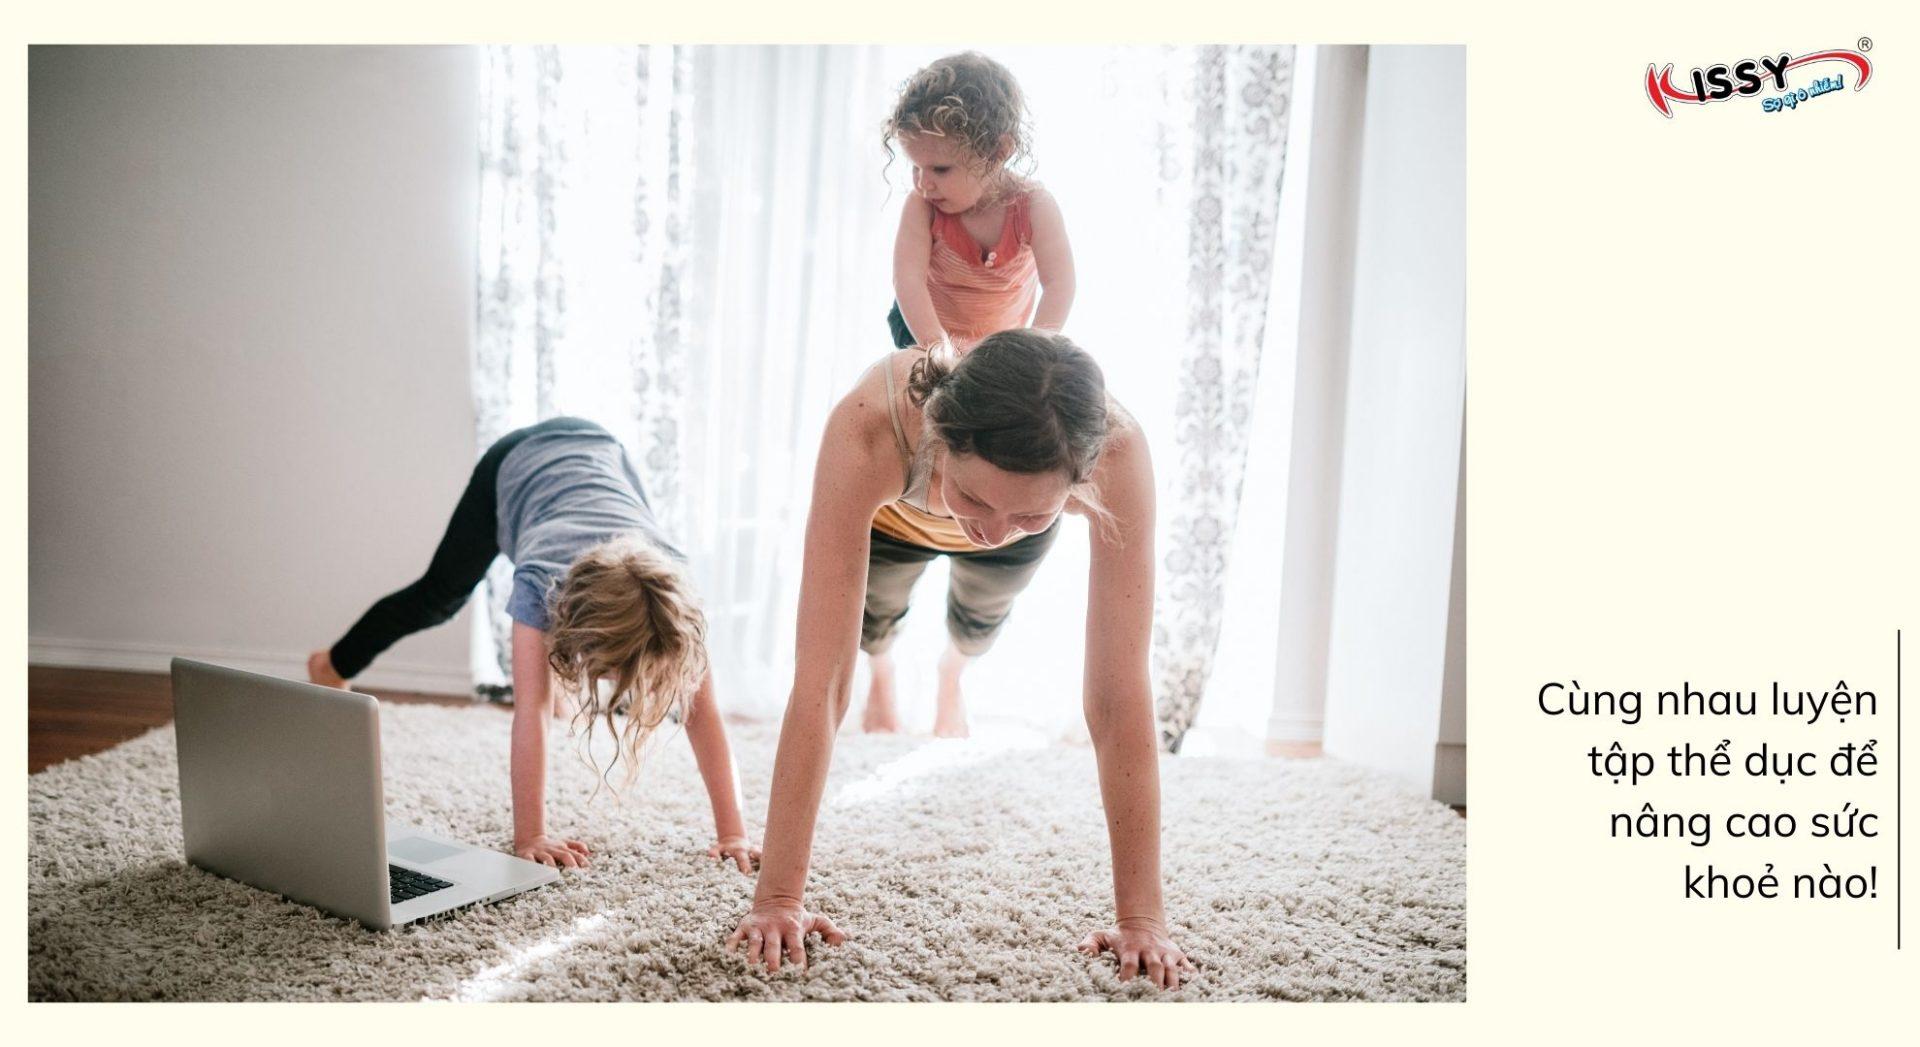 Bảo vệ sức khoẻ gia đình, Khẩu trang vải sợi hoạt tính